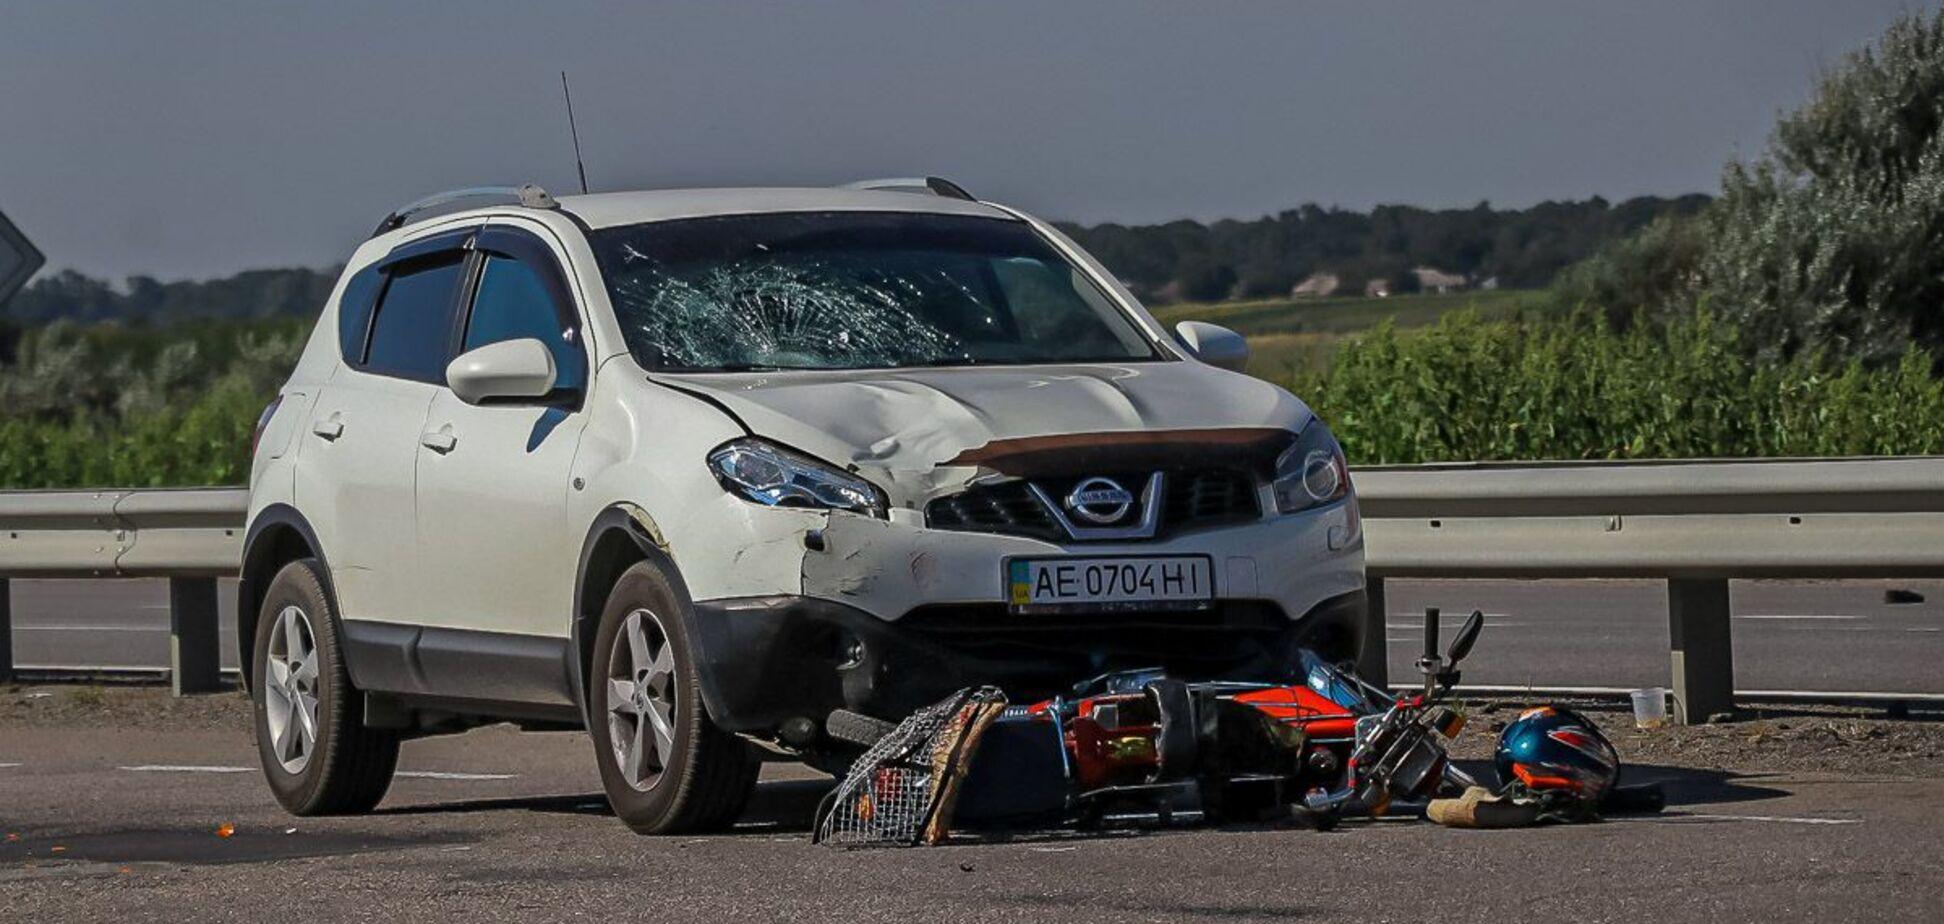 Під Дніпром авто збило мопедиста: потерпілий помер у лікарні. Фото